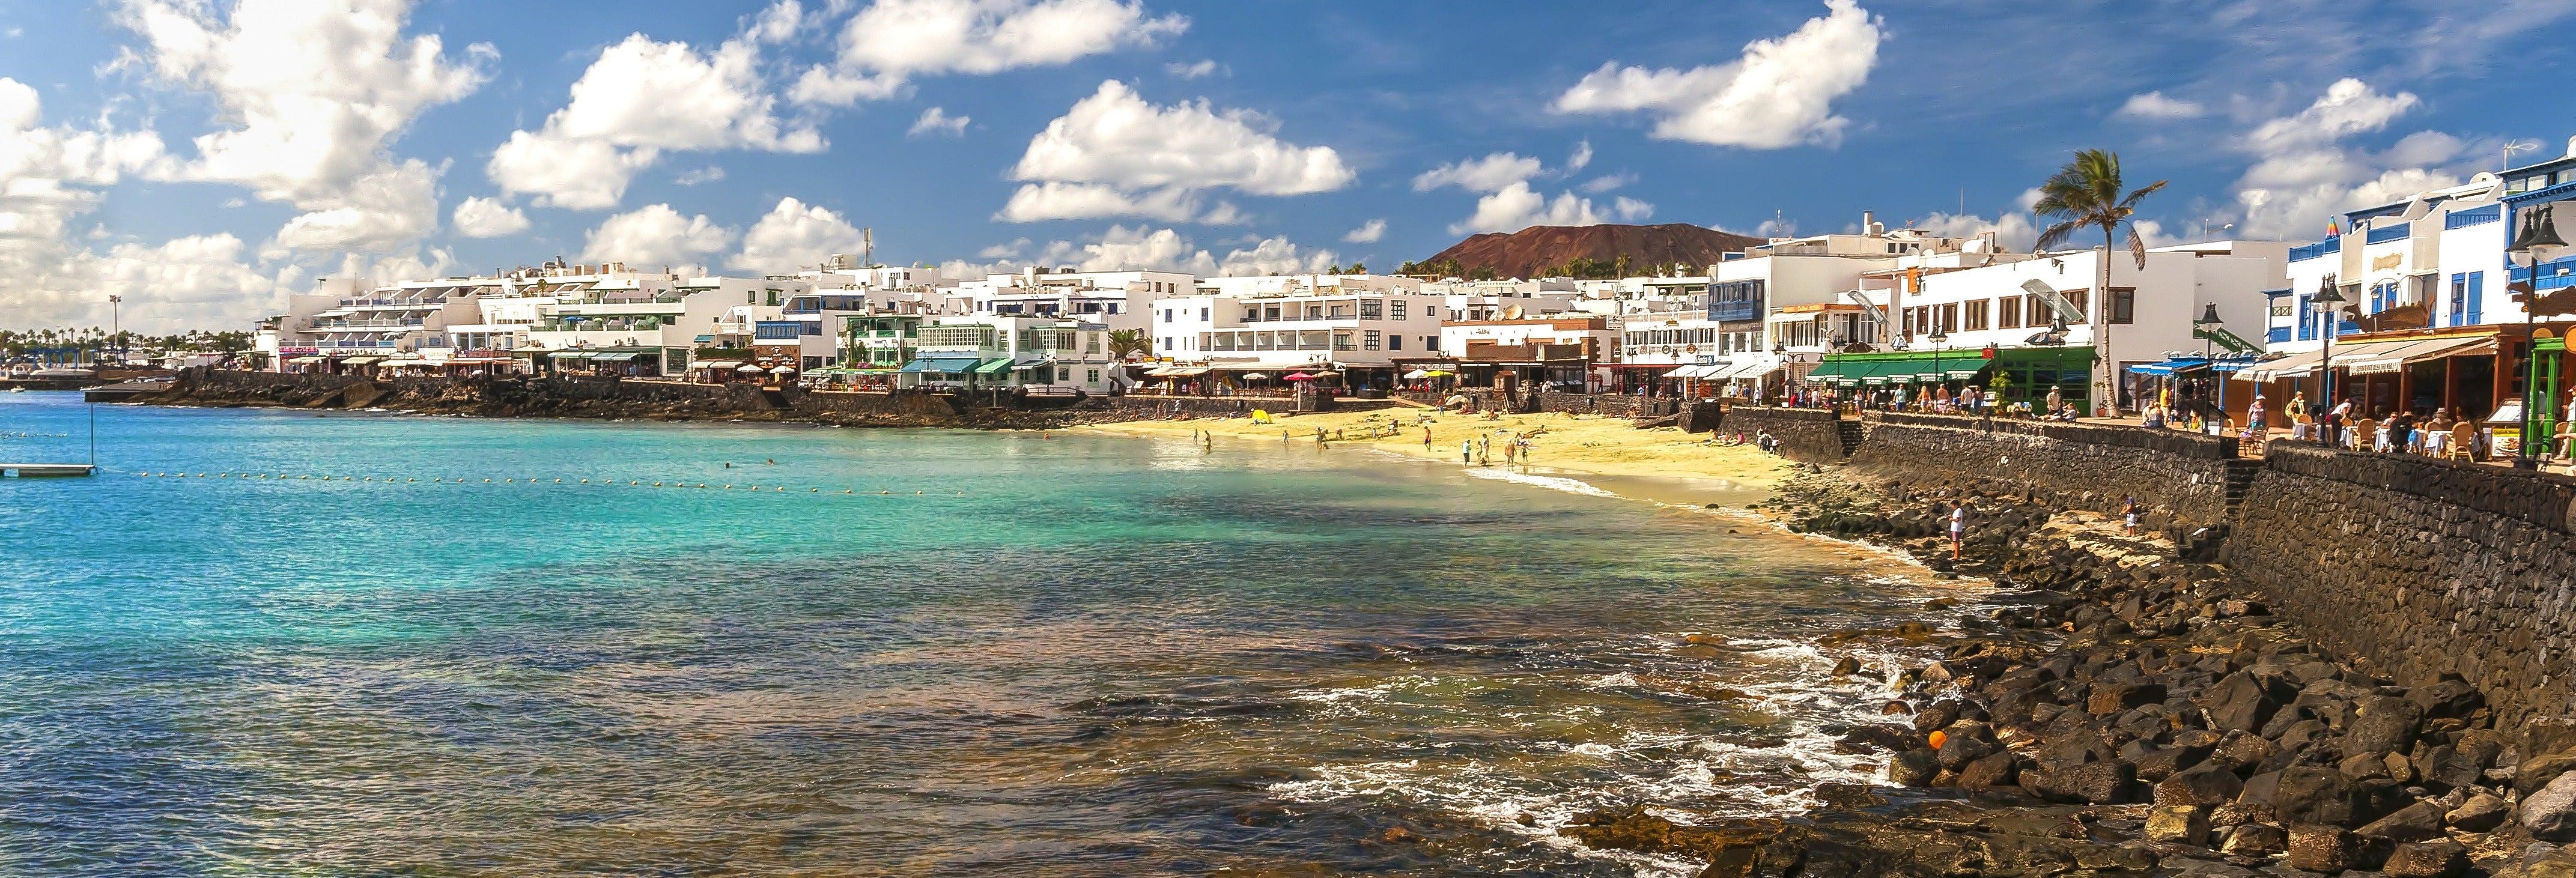 Lanzarote por libre en ferry desde Corralejo